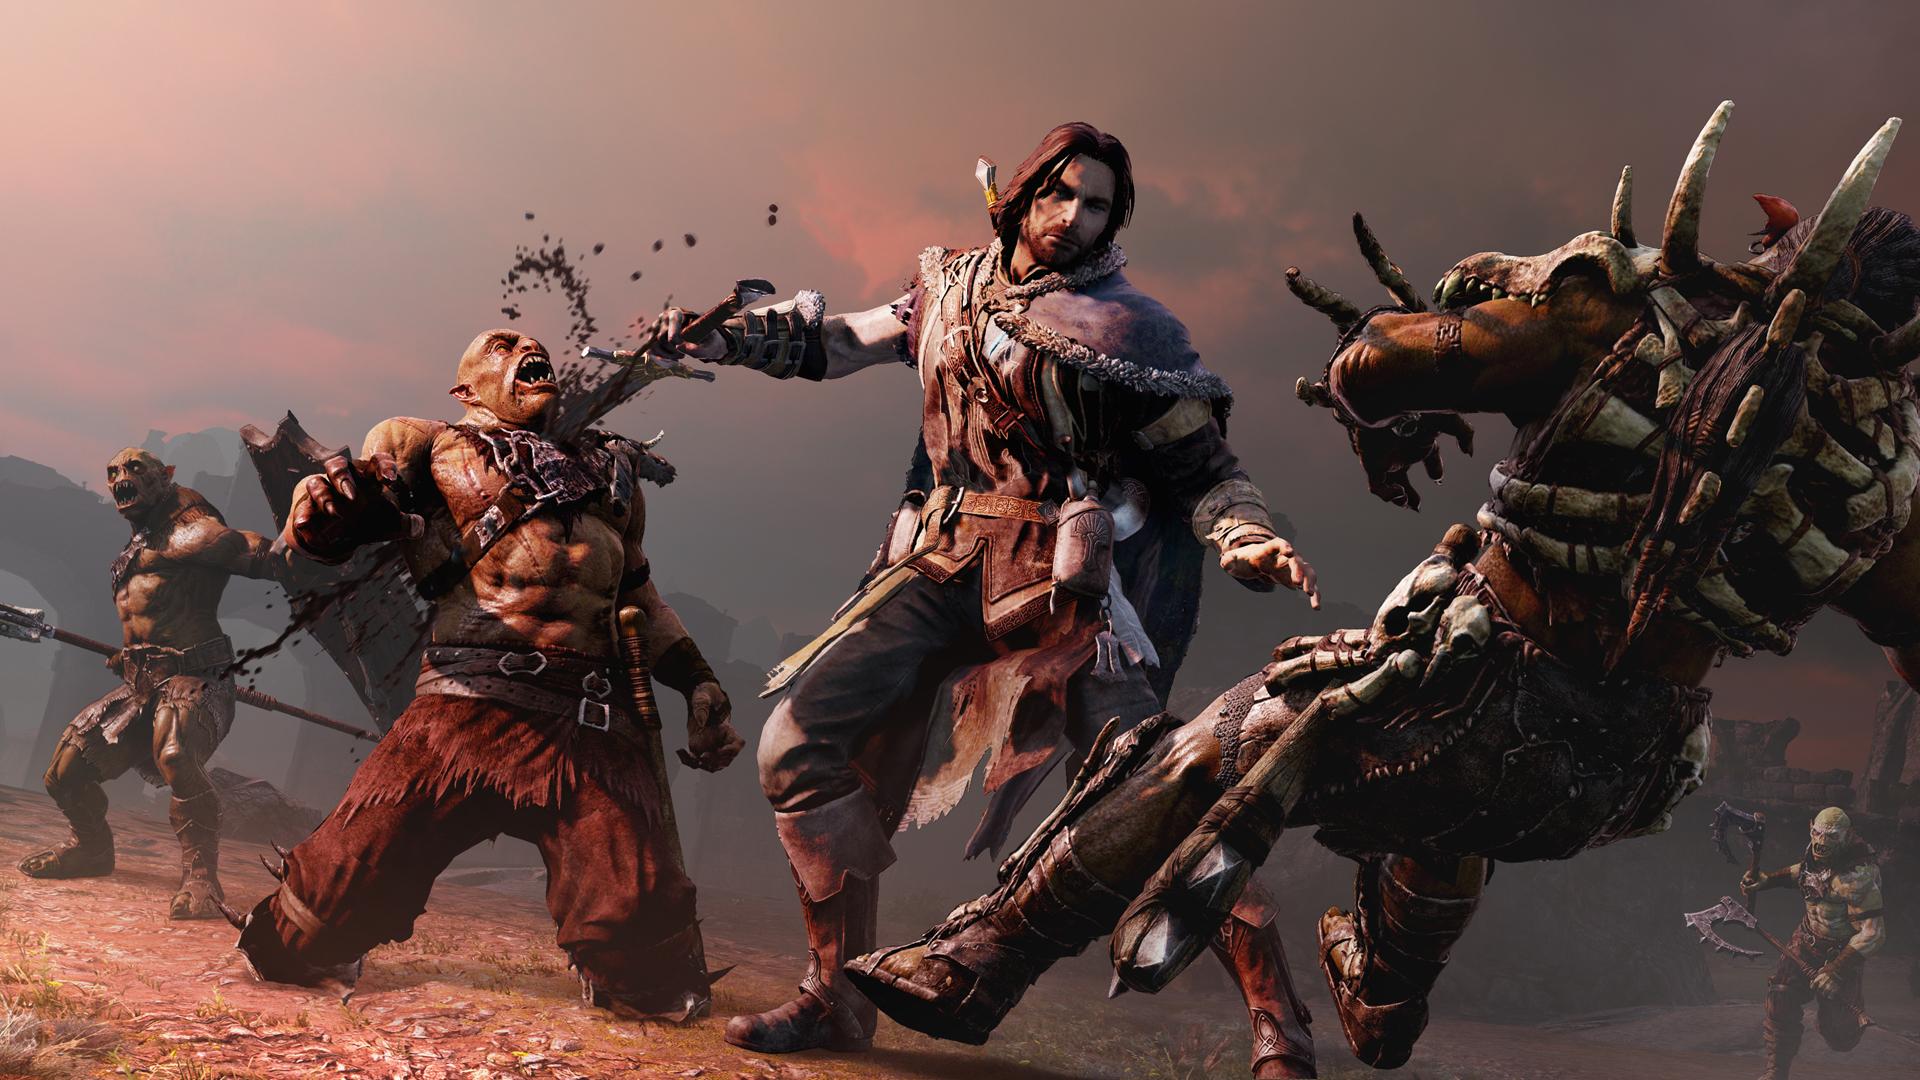 Programátor Assassin's Creed obviňuje Shadow of Mordor z kopírování 92553